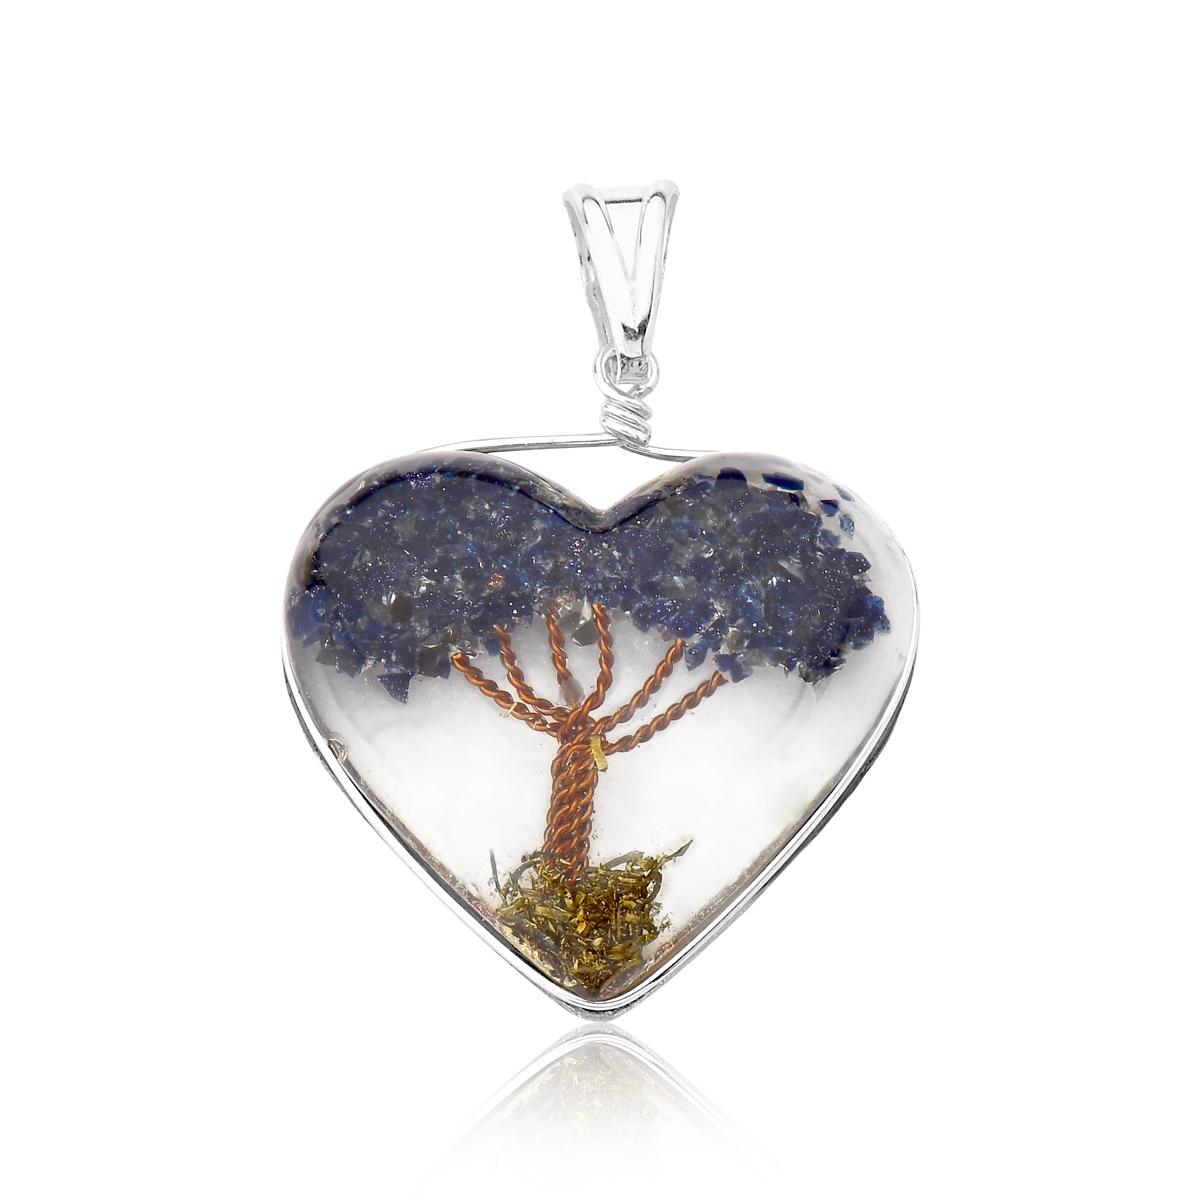 Pingente Coração Orgonite Árvore da Vida Azul Escuro - Florescer